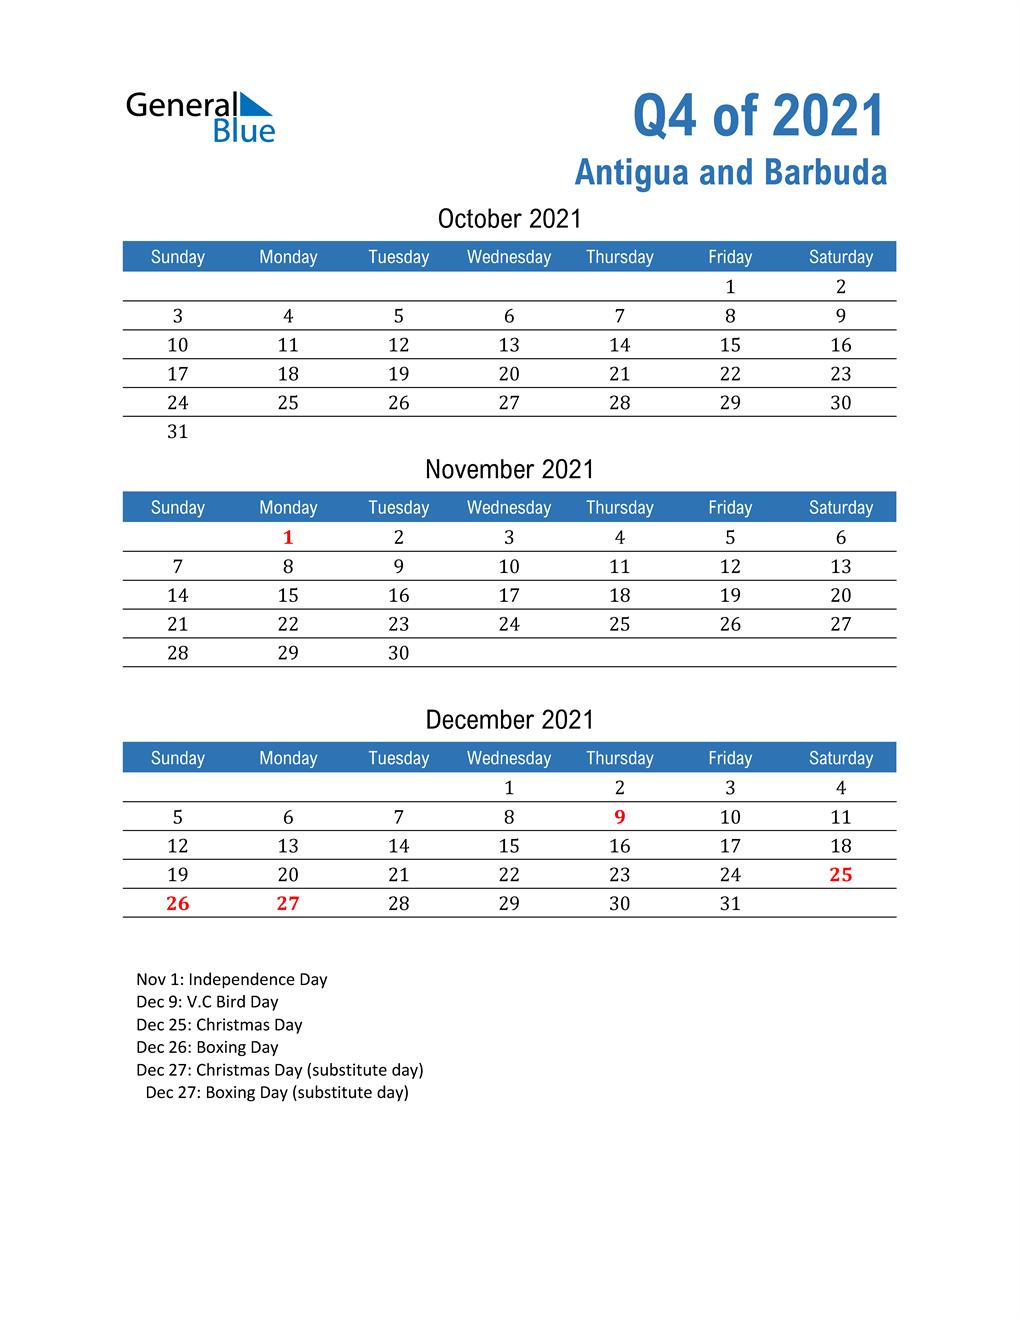 Antigua and Barbuda 2021 Quarterly Calendar